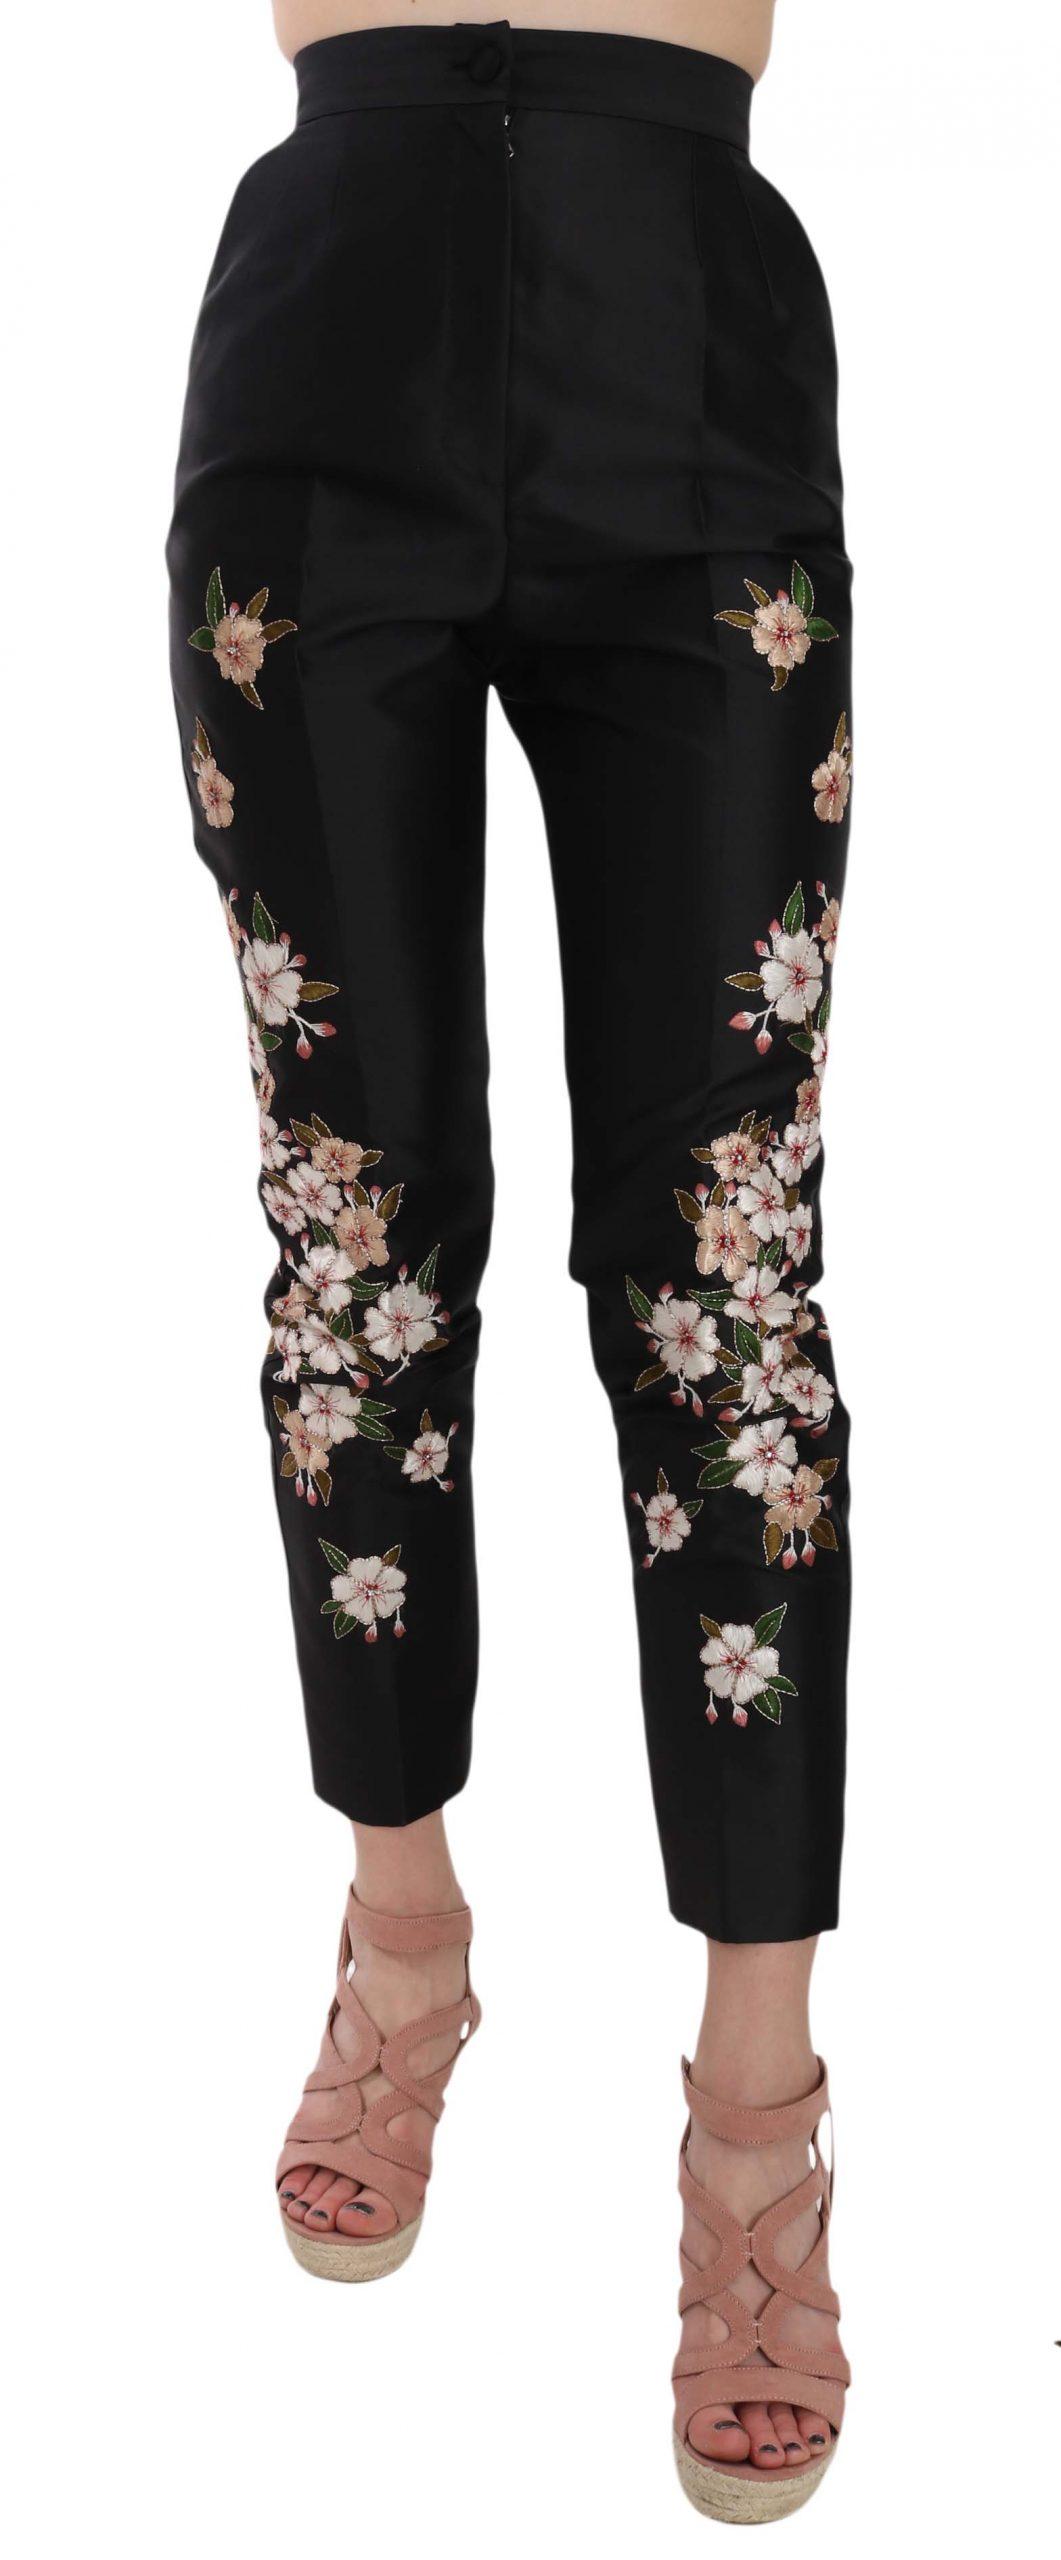 Dolce & Gabbana Women's Trouser Black BYX1348 - IT40|S